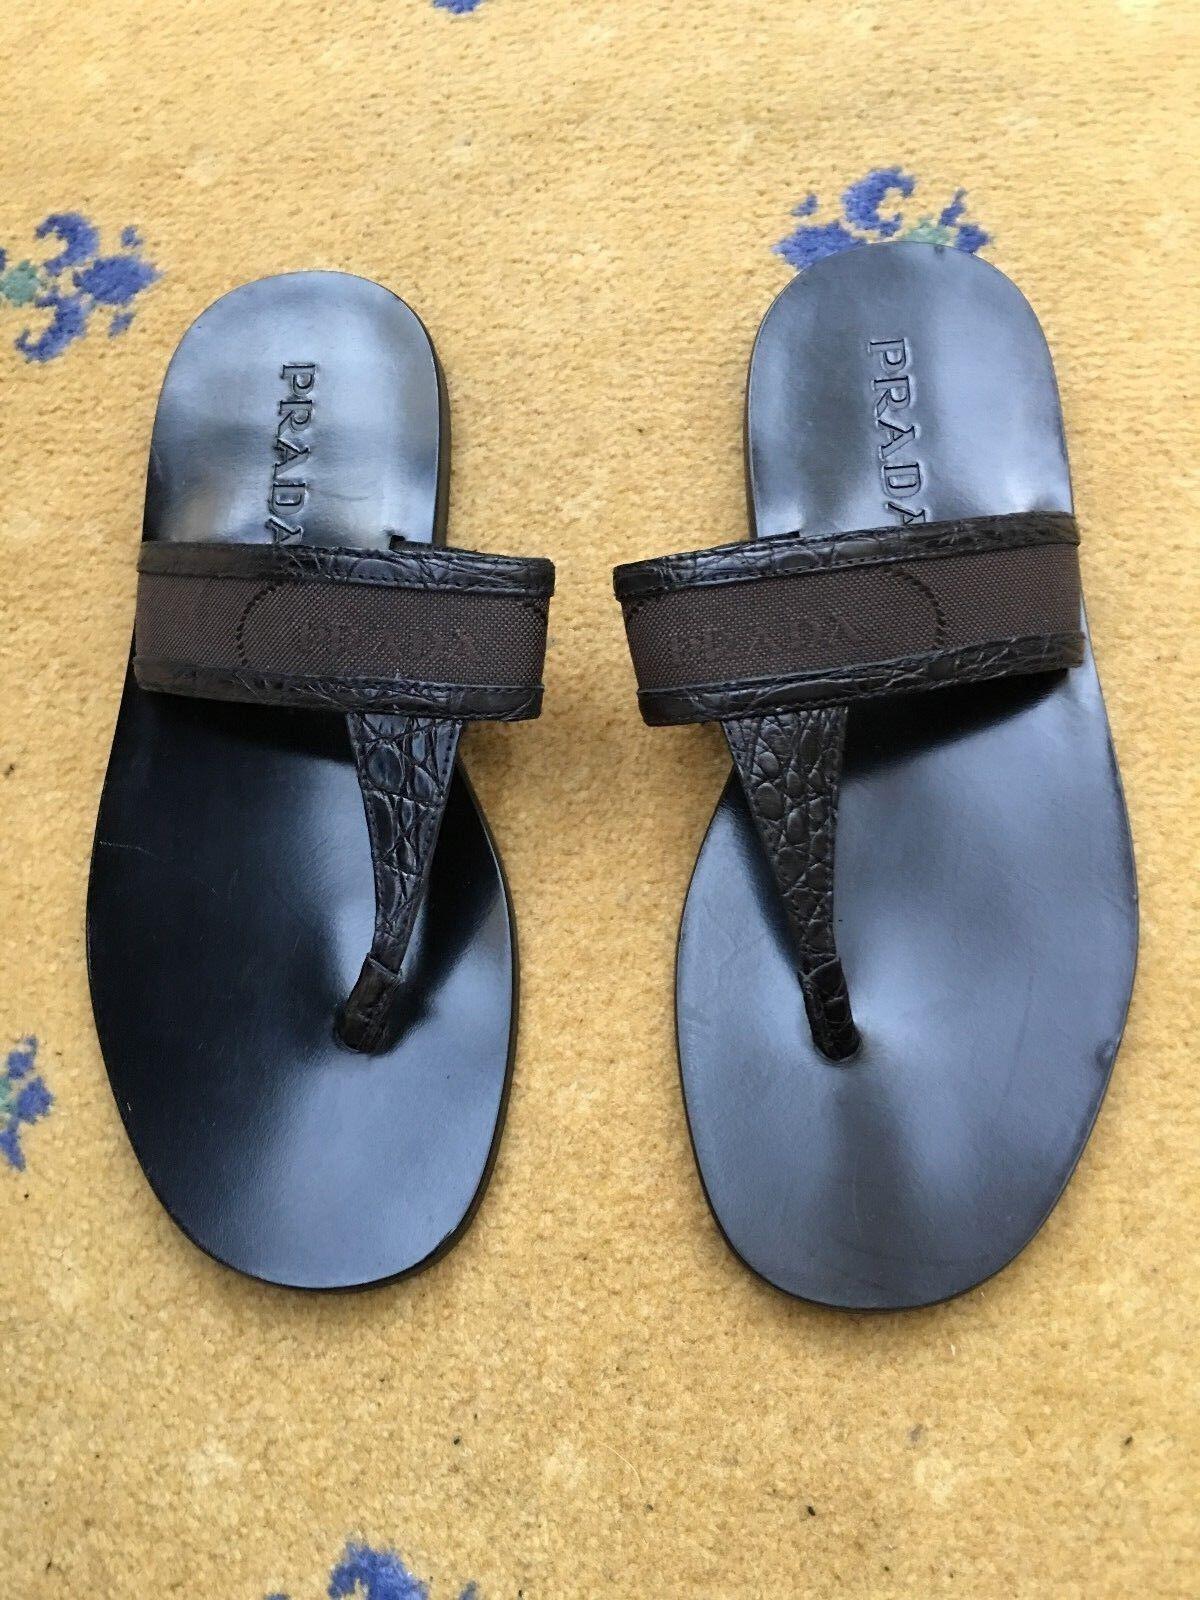 Prada da uomo sandali infradito in pelle nera coccodrillo in tela TG US 8 EU 41